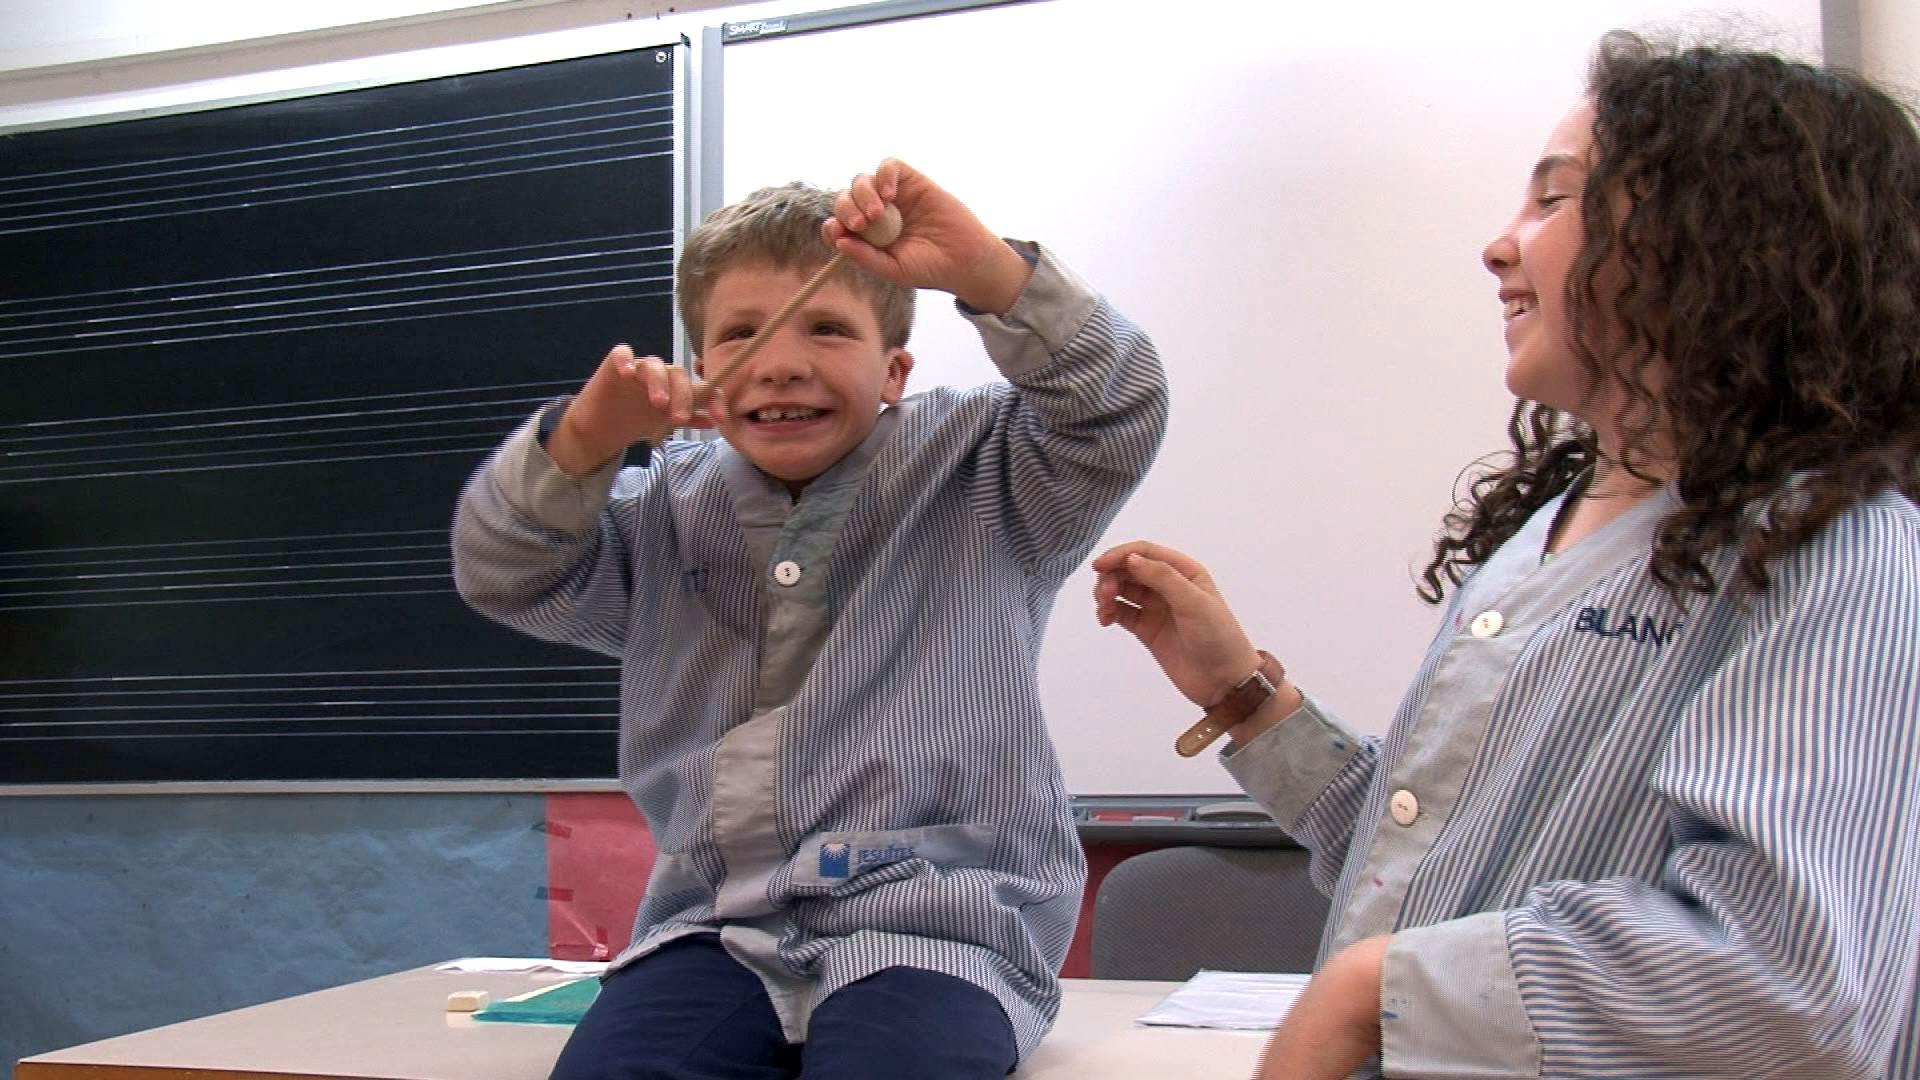 TEB Vist triomfa amb un especial sobre escola inclusiva